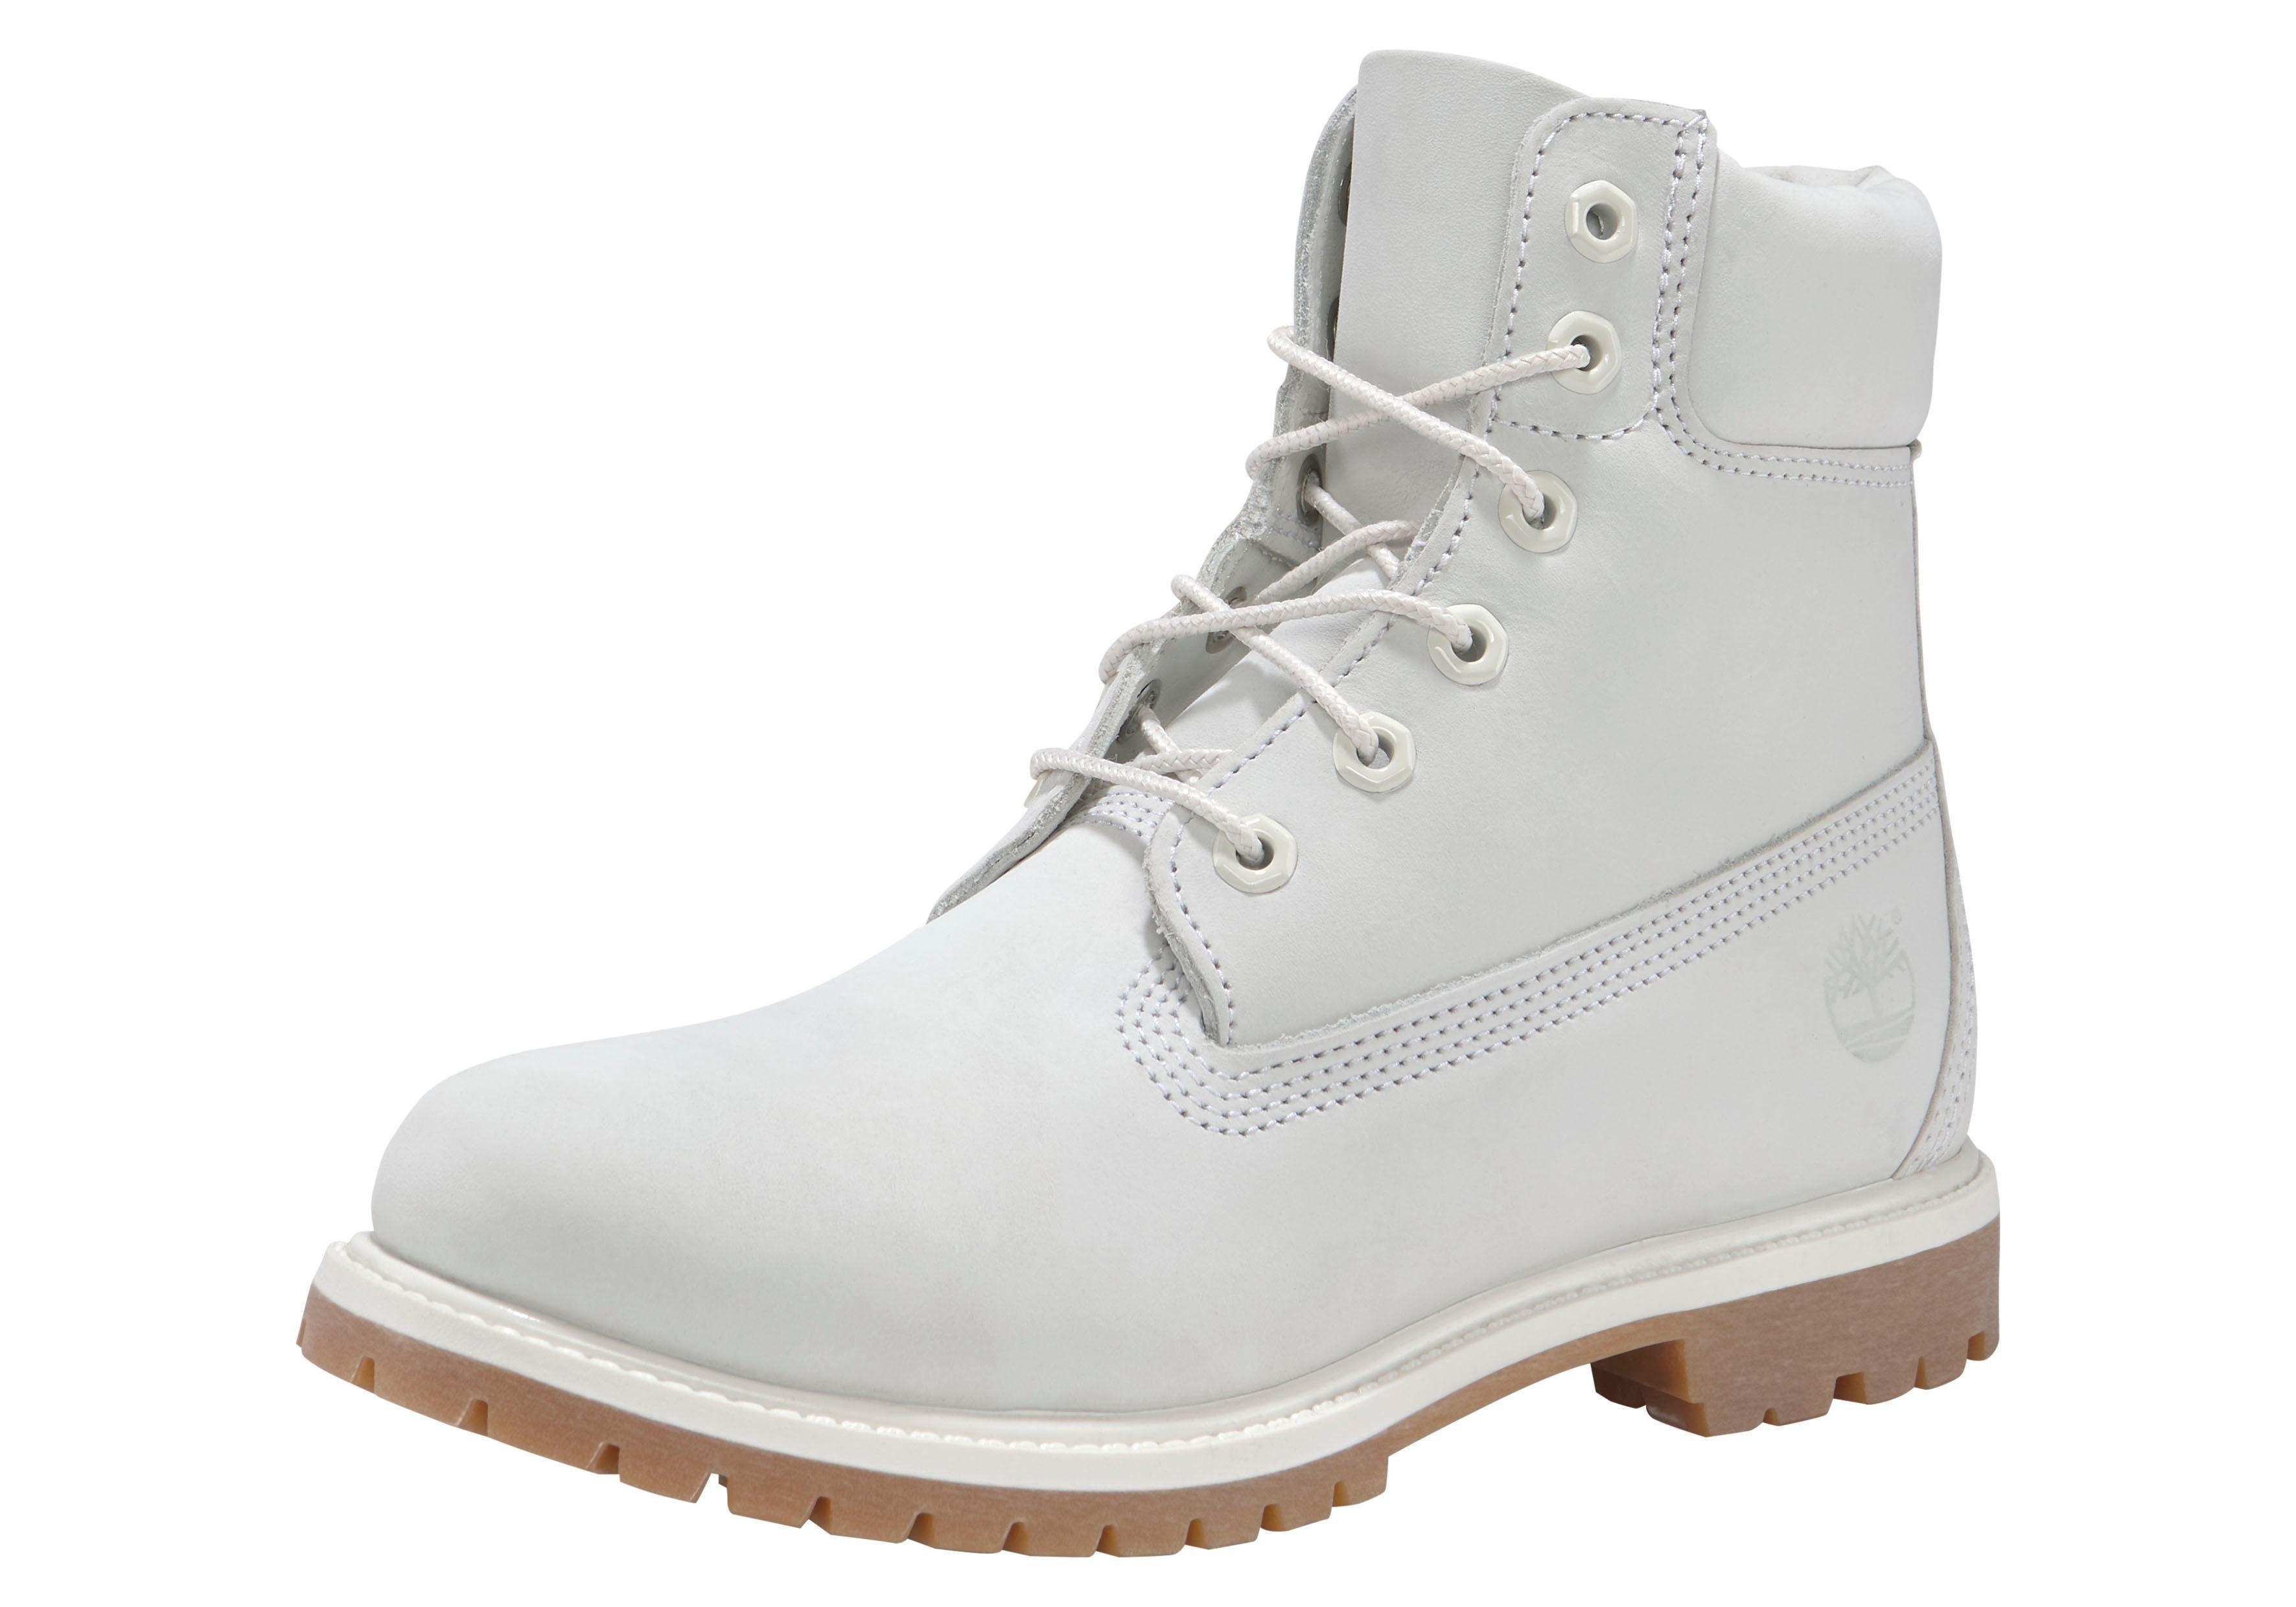 Modische weiße Stiefel für Herren von Timberland für Winter